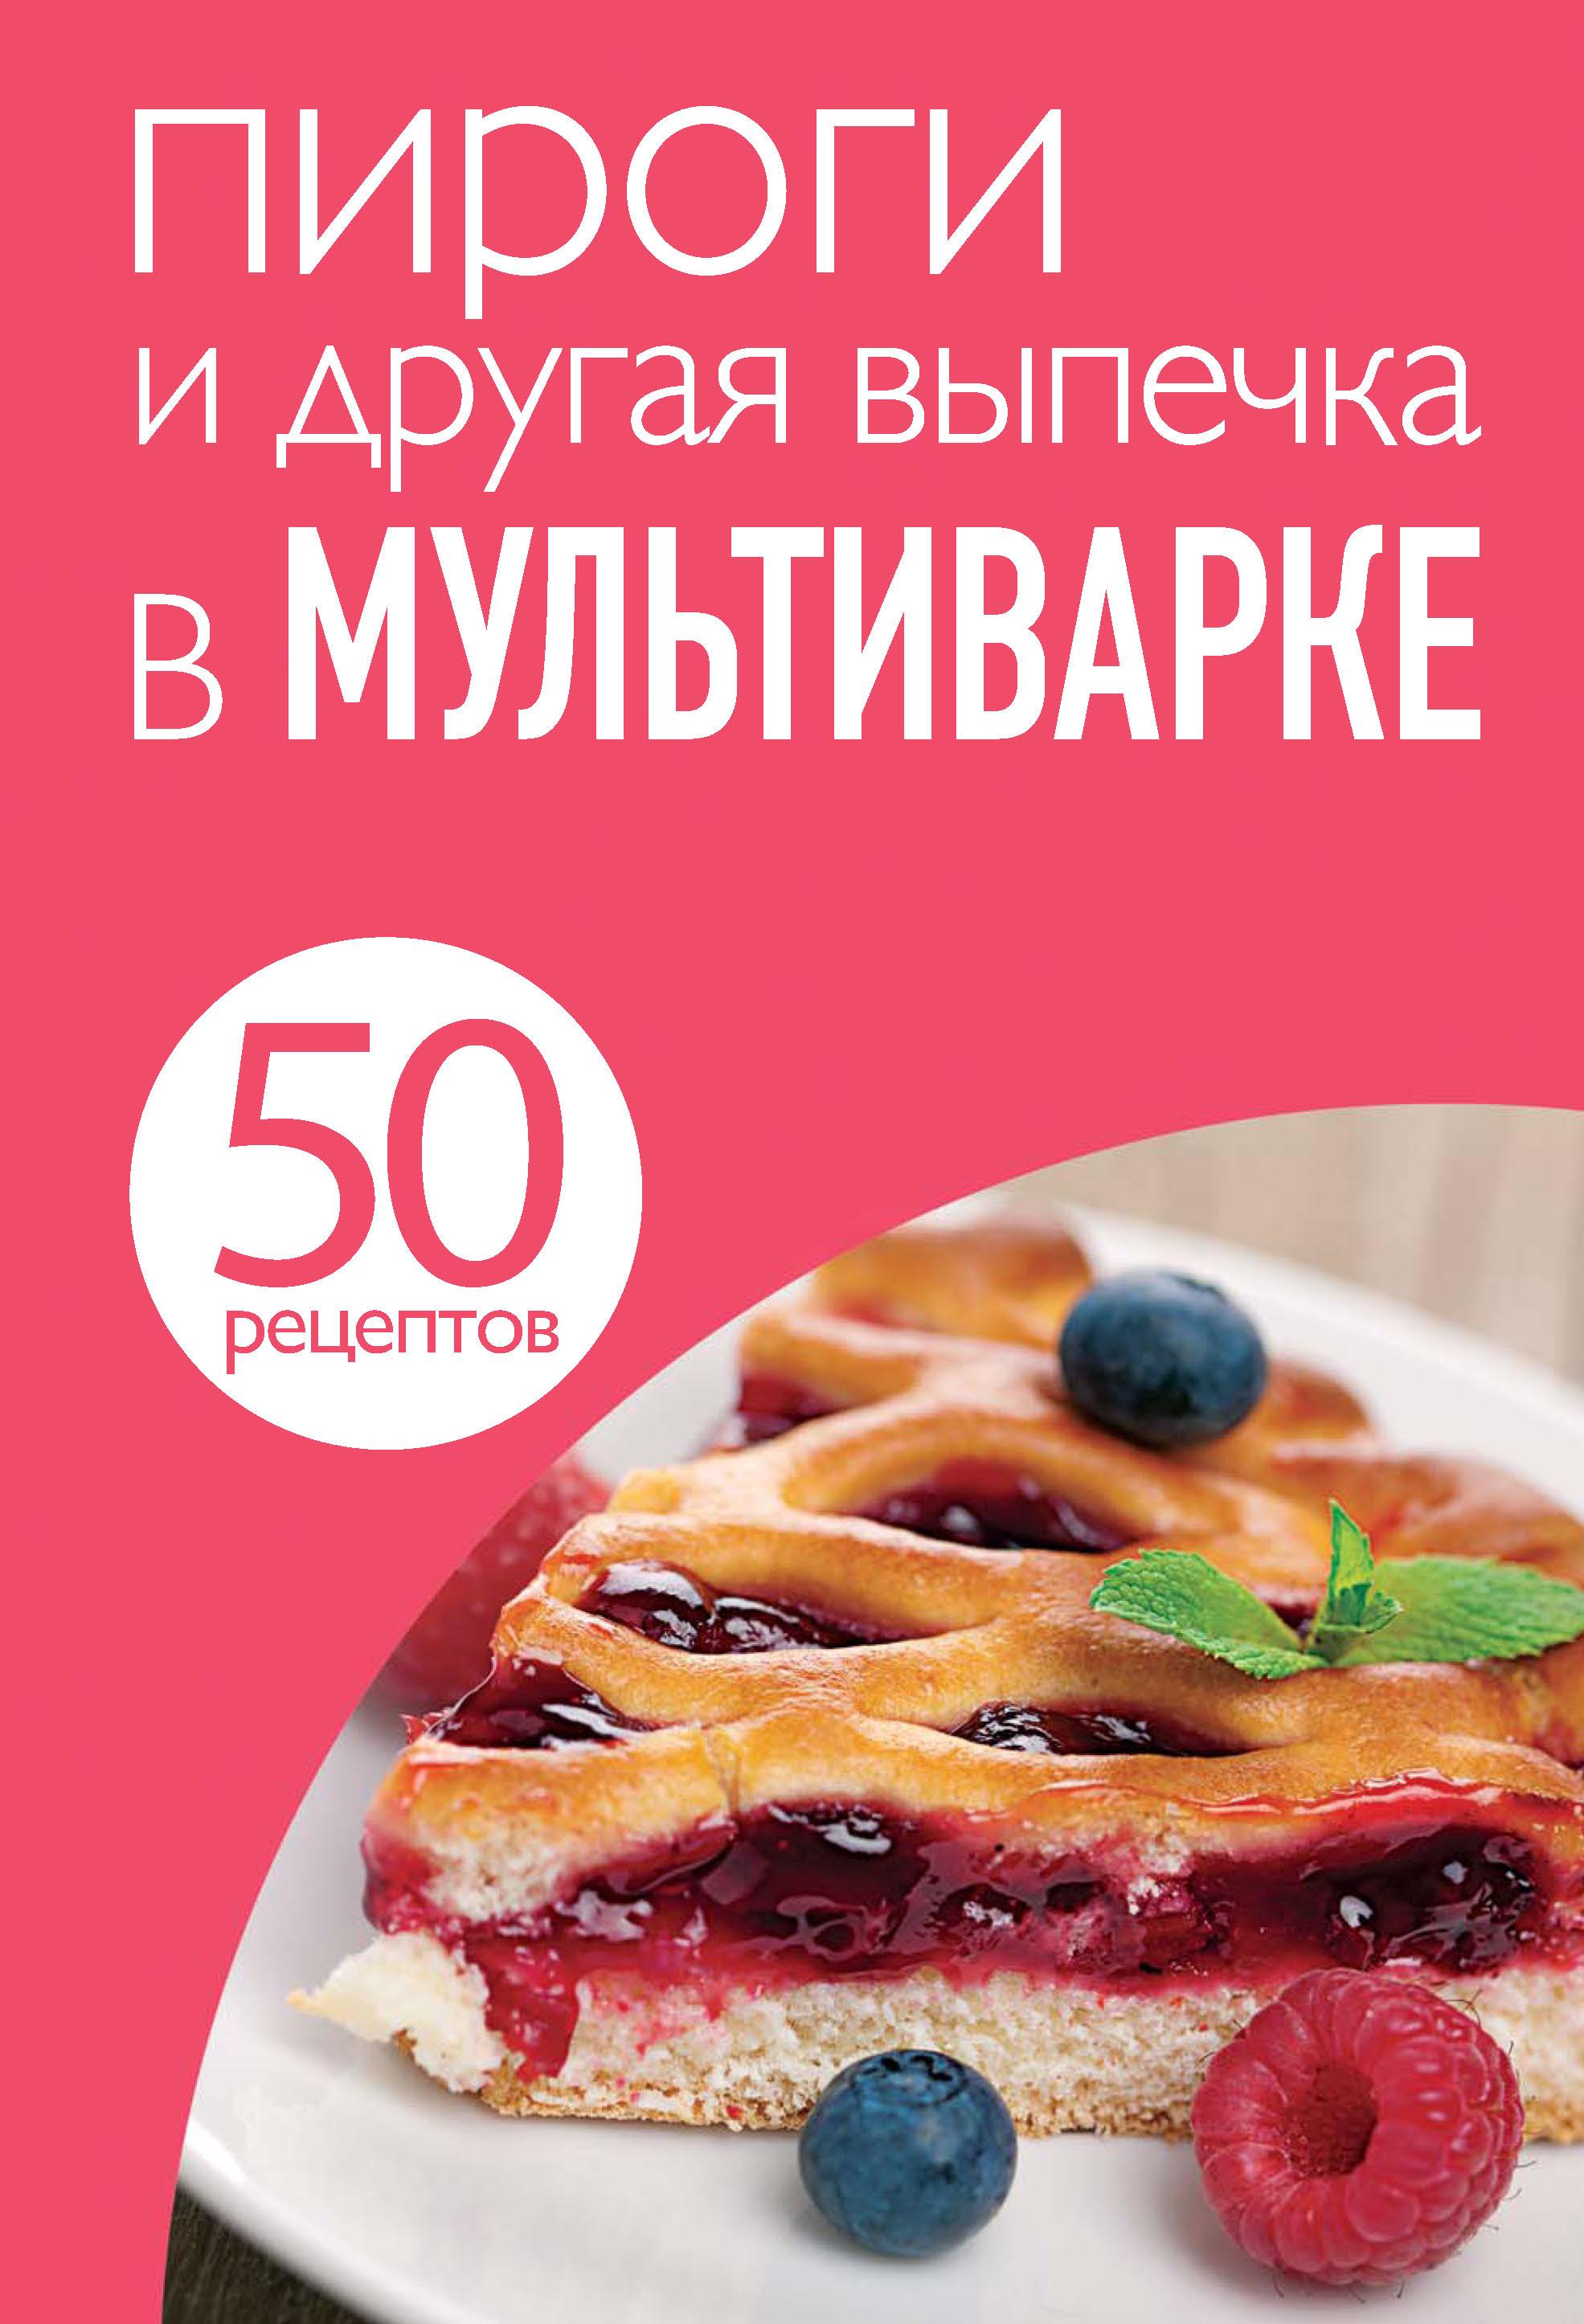 все цены на Отсутствует 50 рецептов. Пироги и другая выпечка в мультиварке онлайн